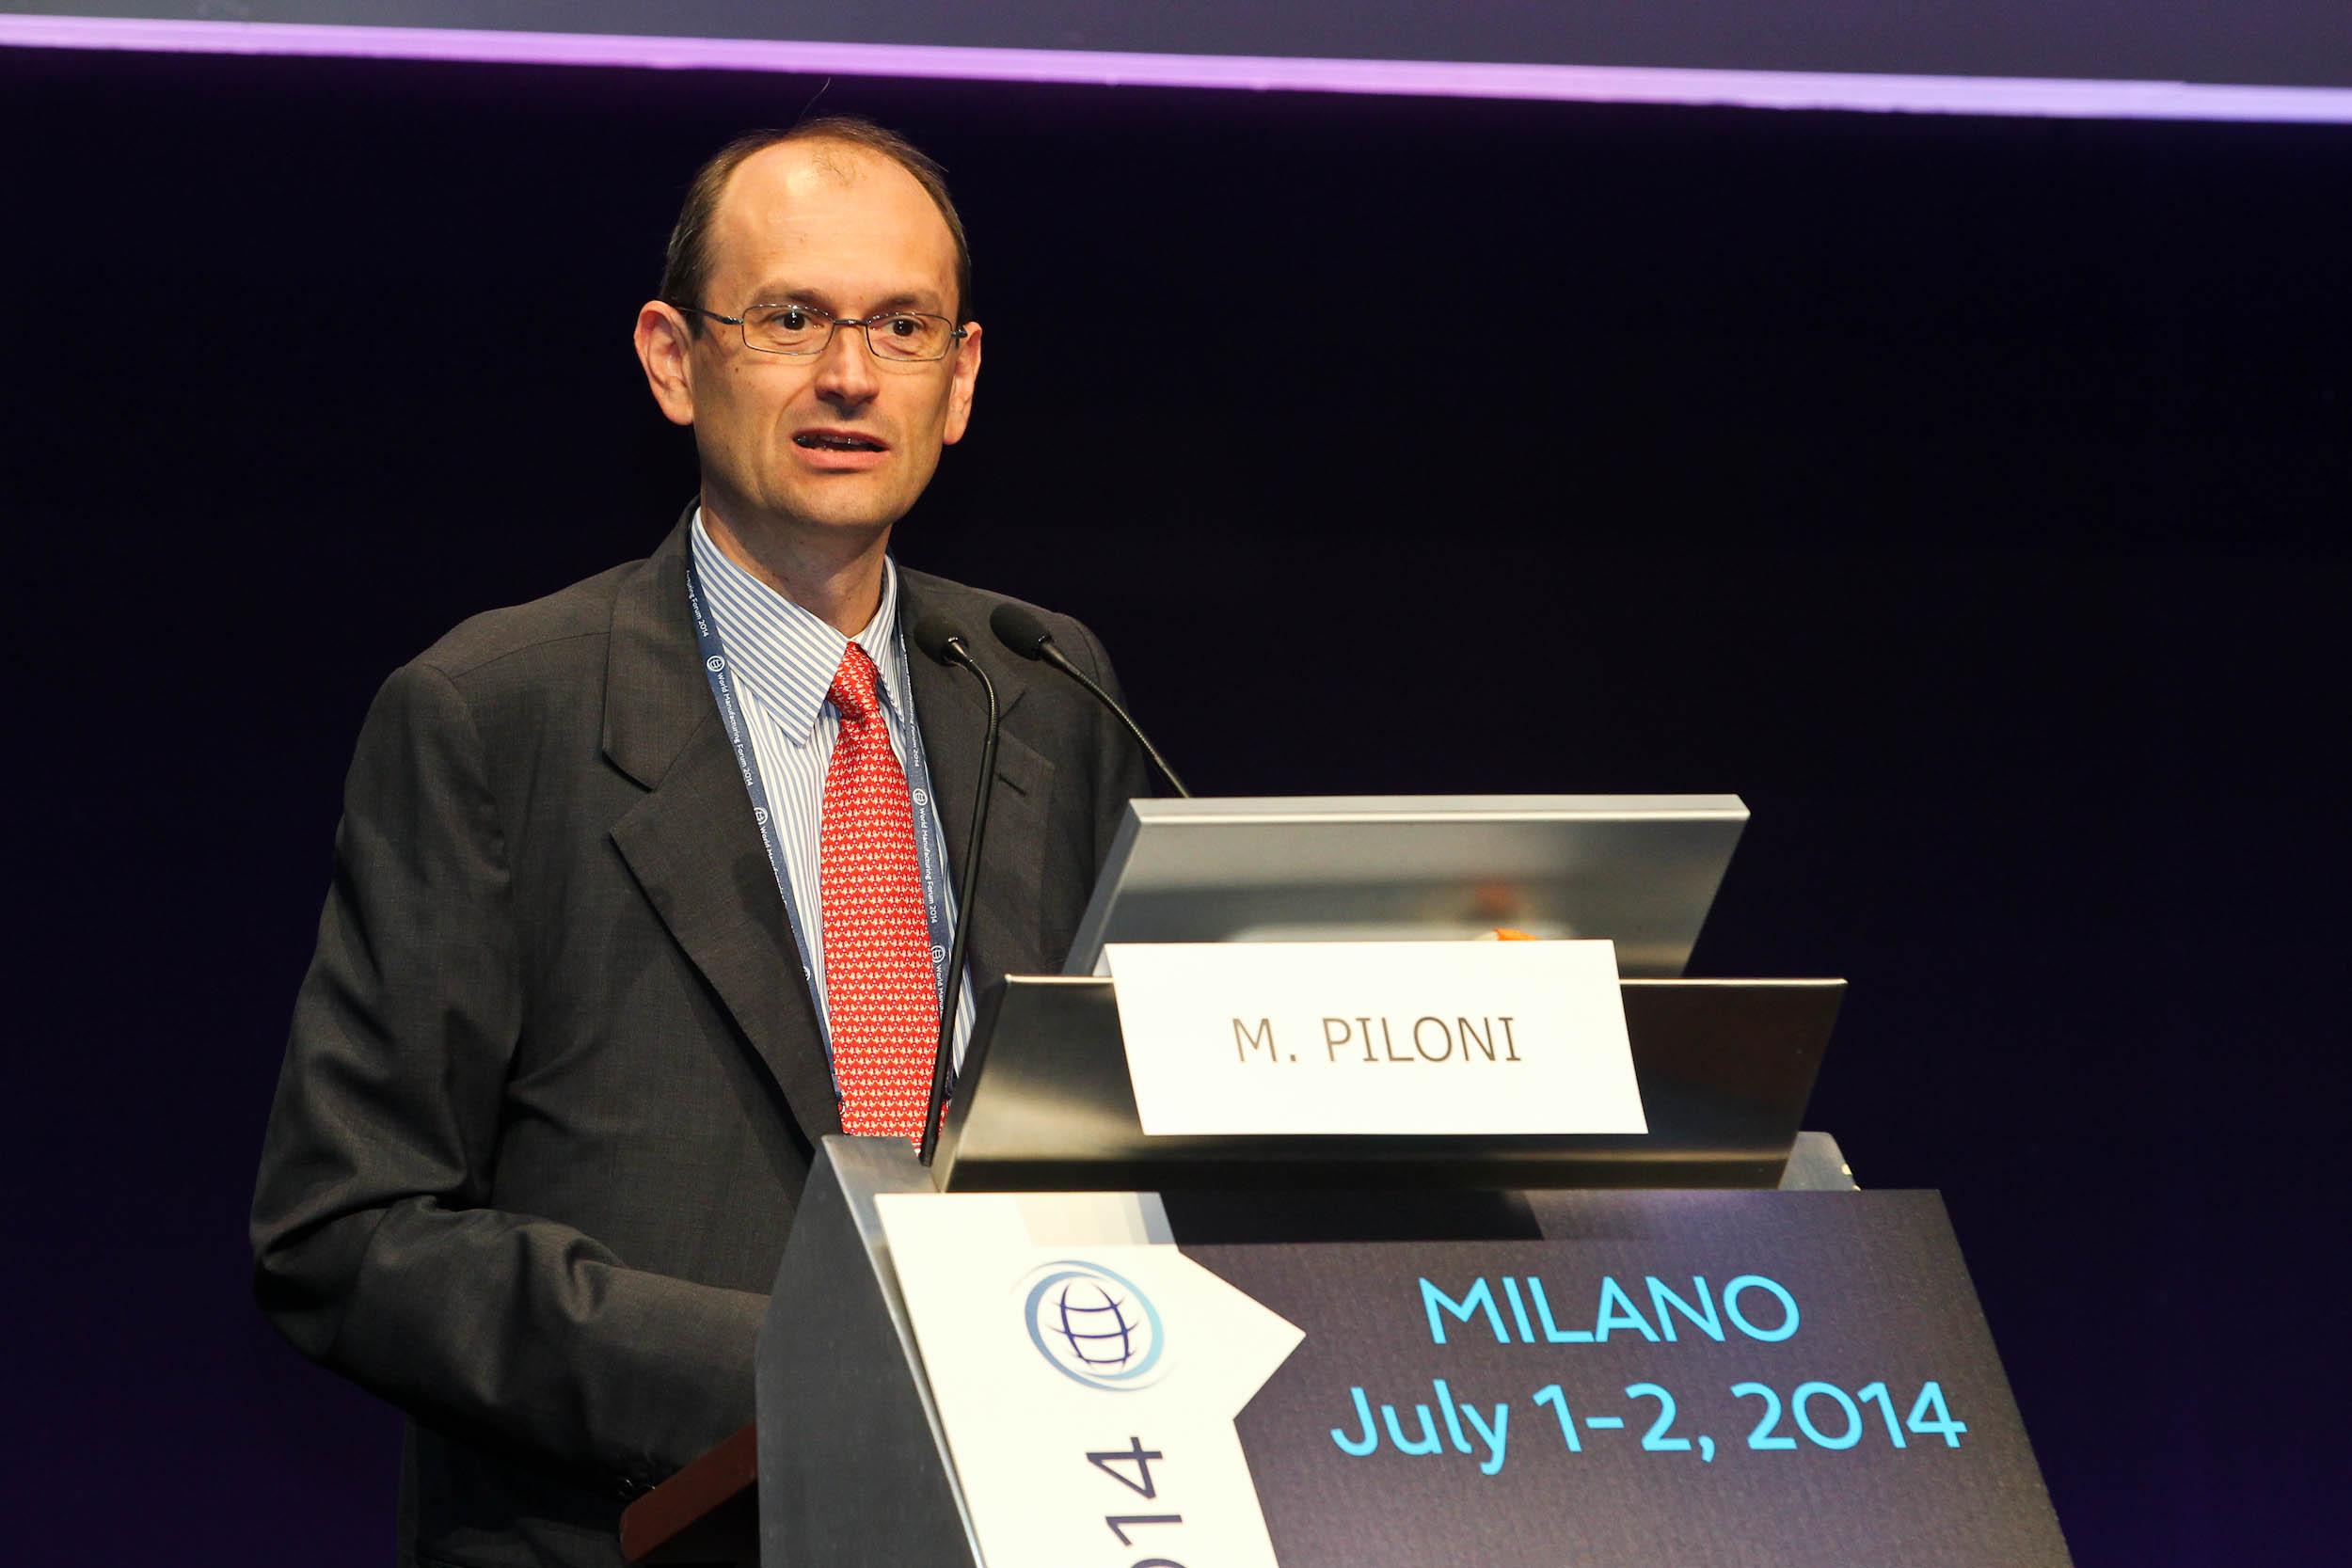 M. Piloni